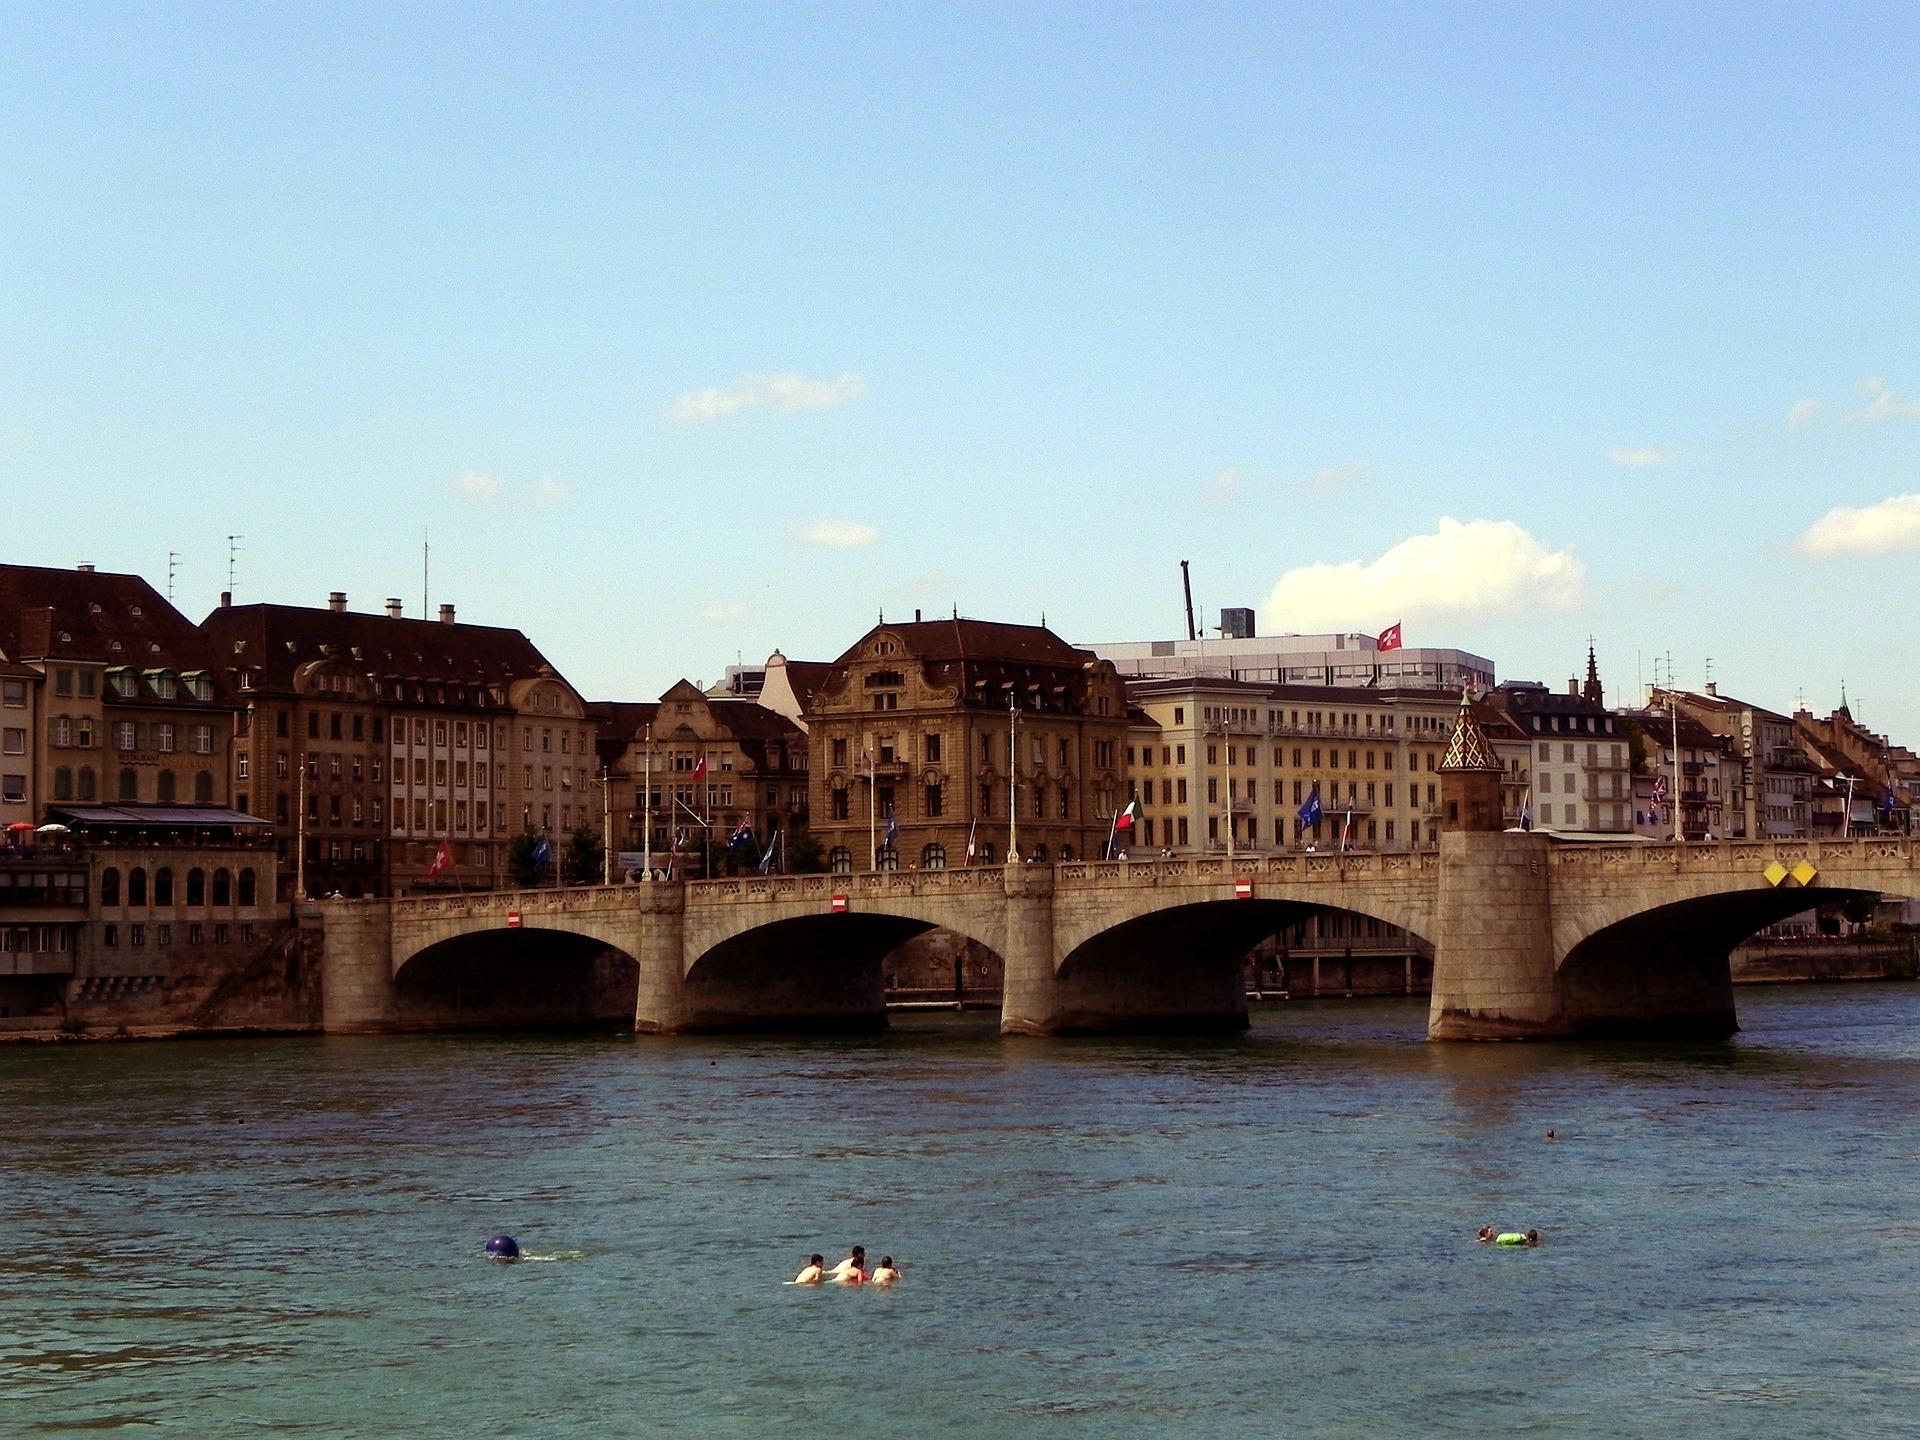 Wochenende in Basel